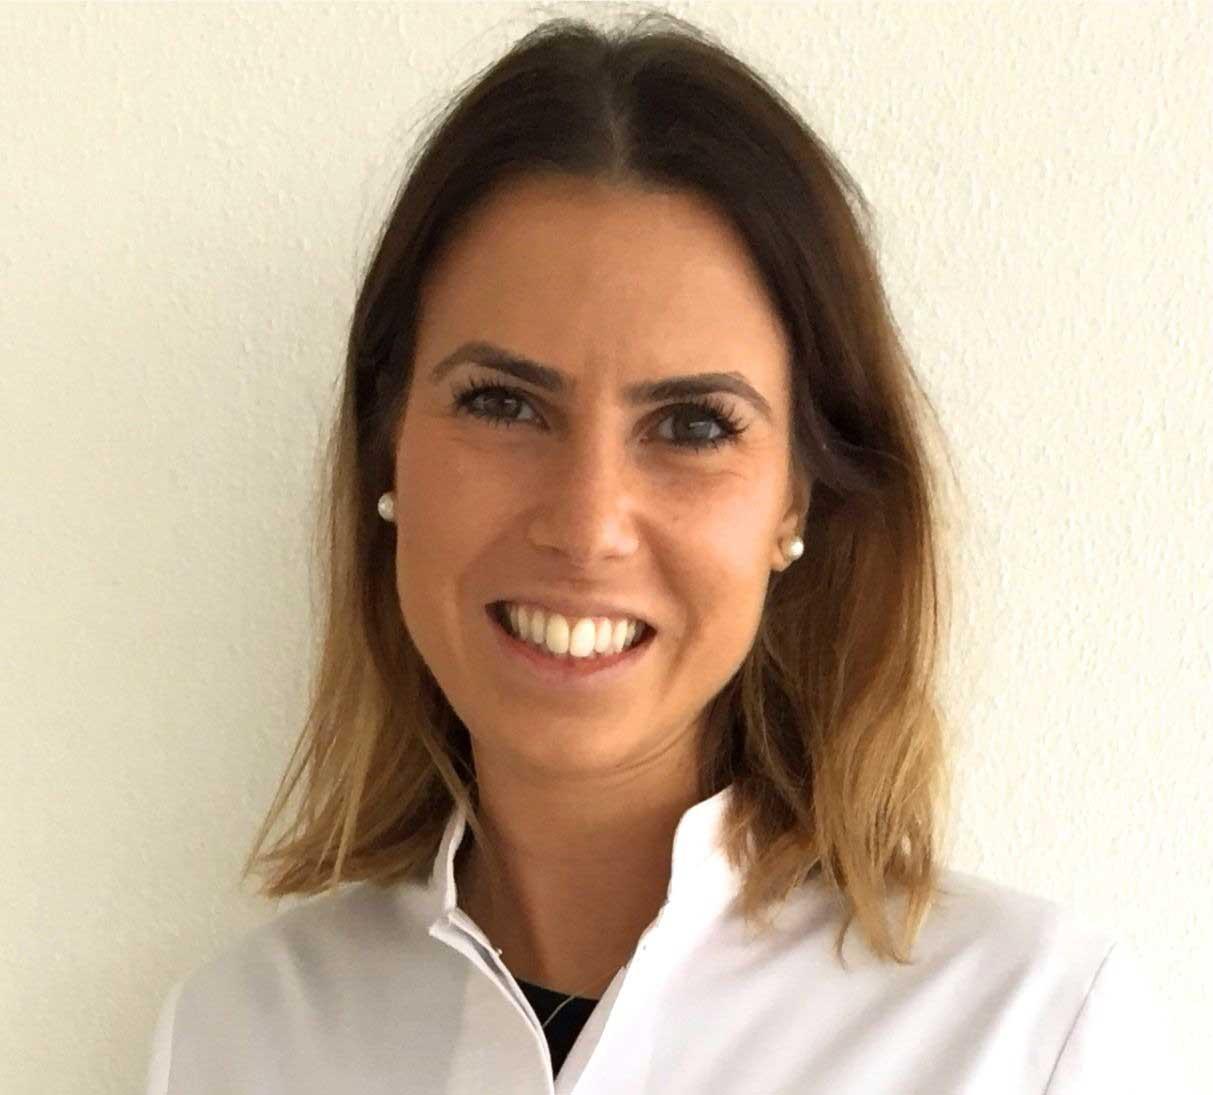 Dra. Joana Estevão Cruz